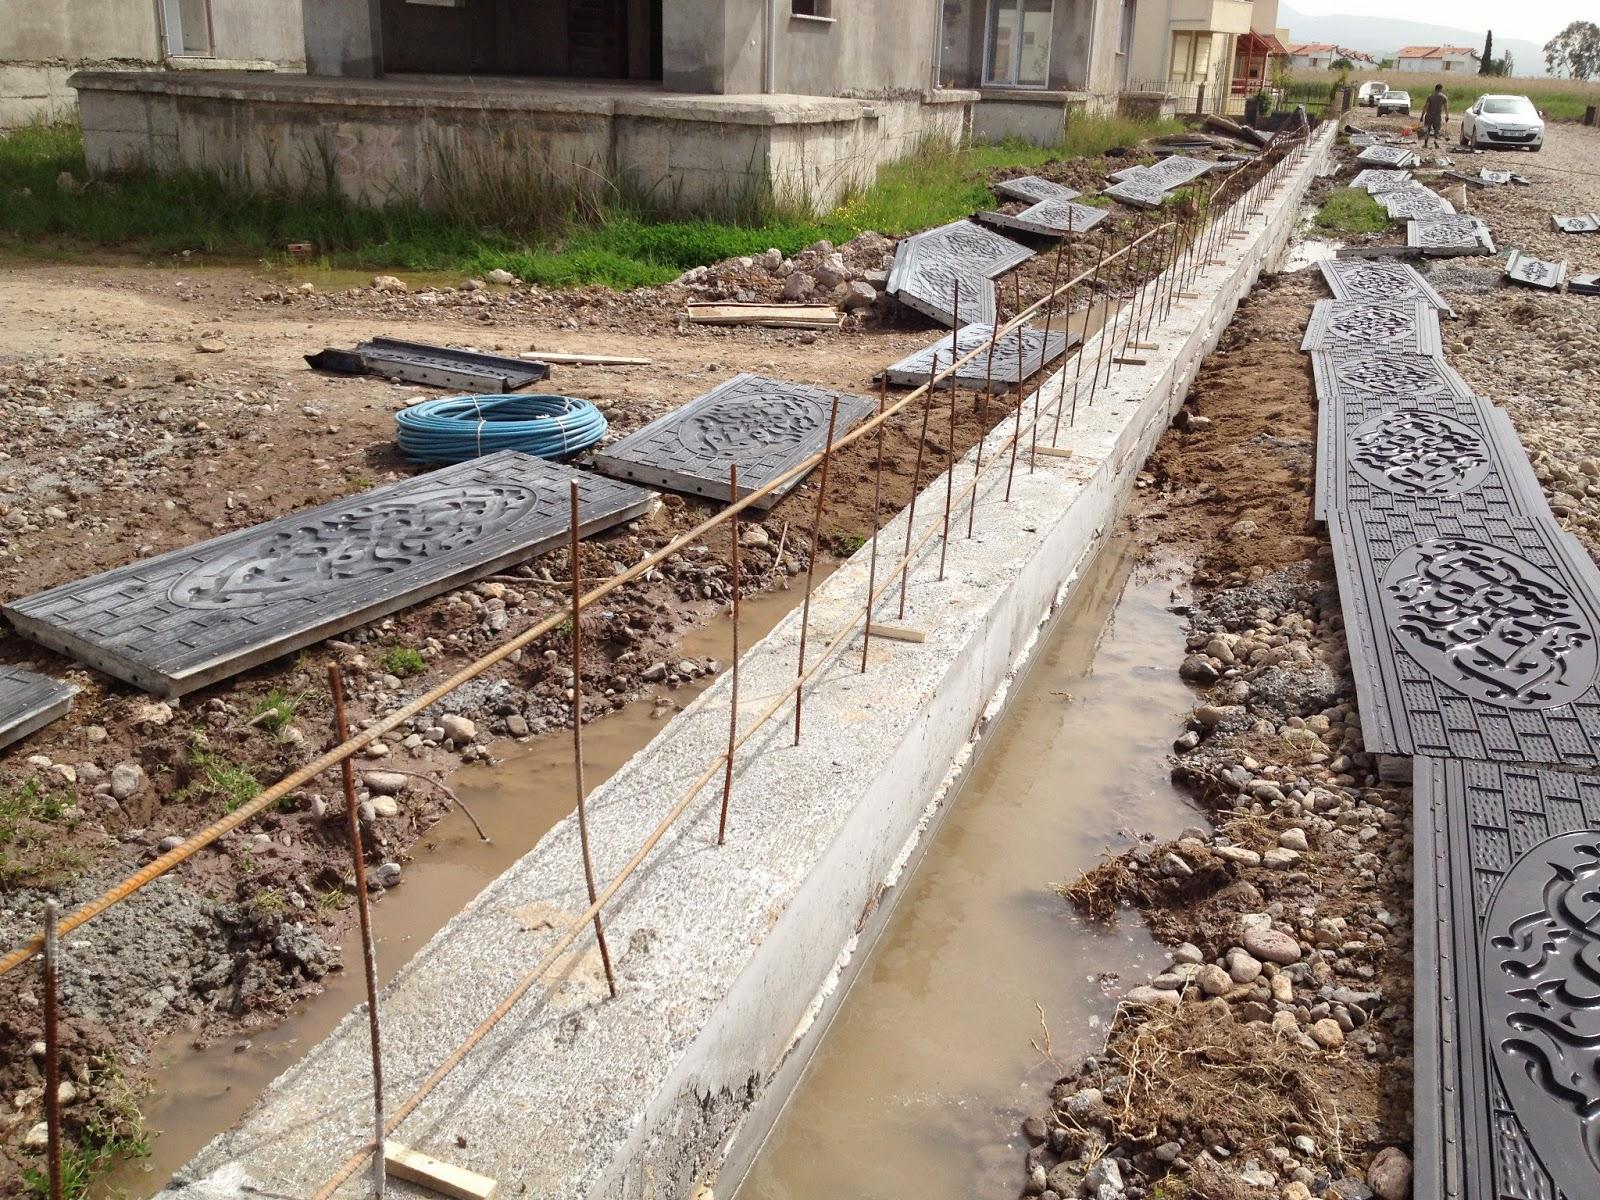 Perde beton bahçe duvarı